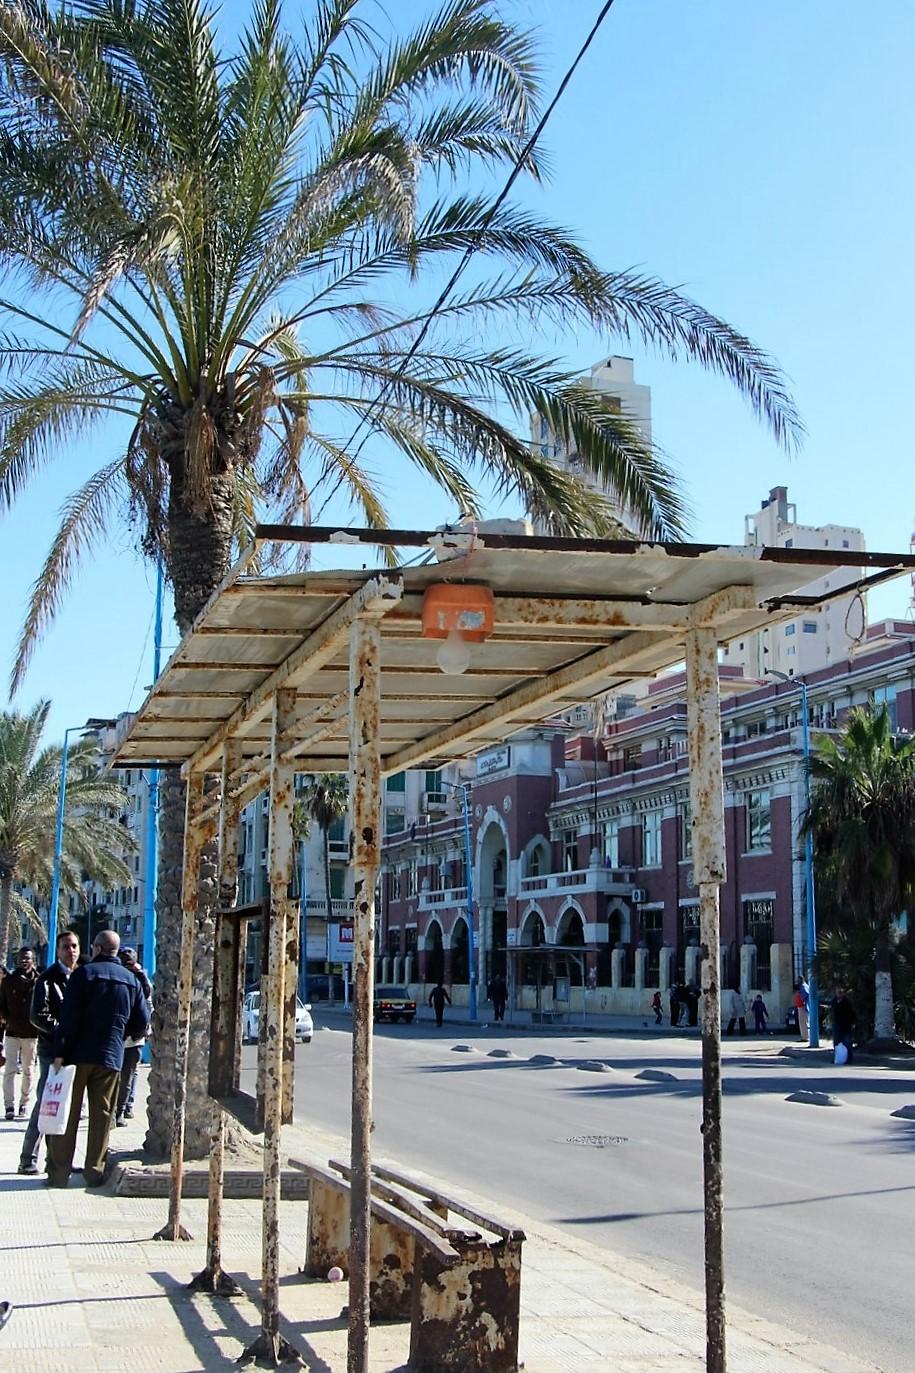 alexandria corniche egypt bus stop